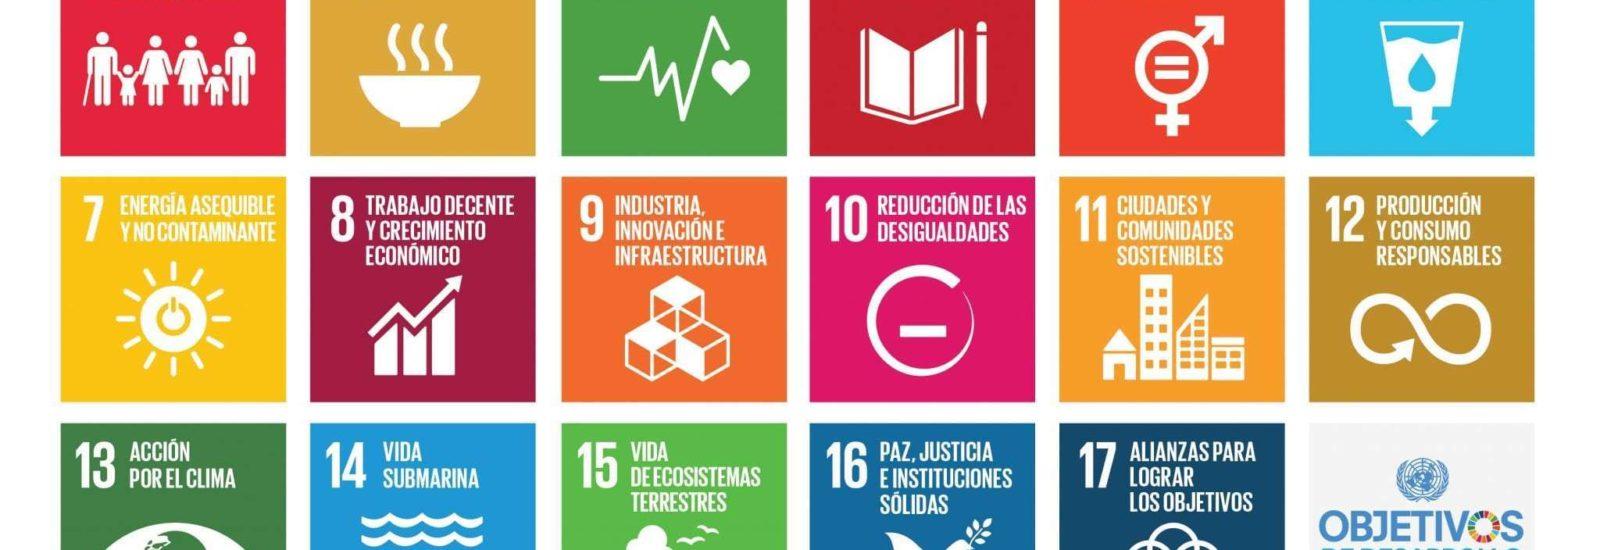 Agenda 2030 y Objetivos de Desarrollo Sostenible